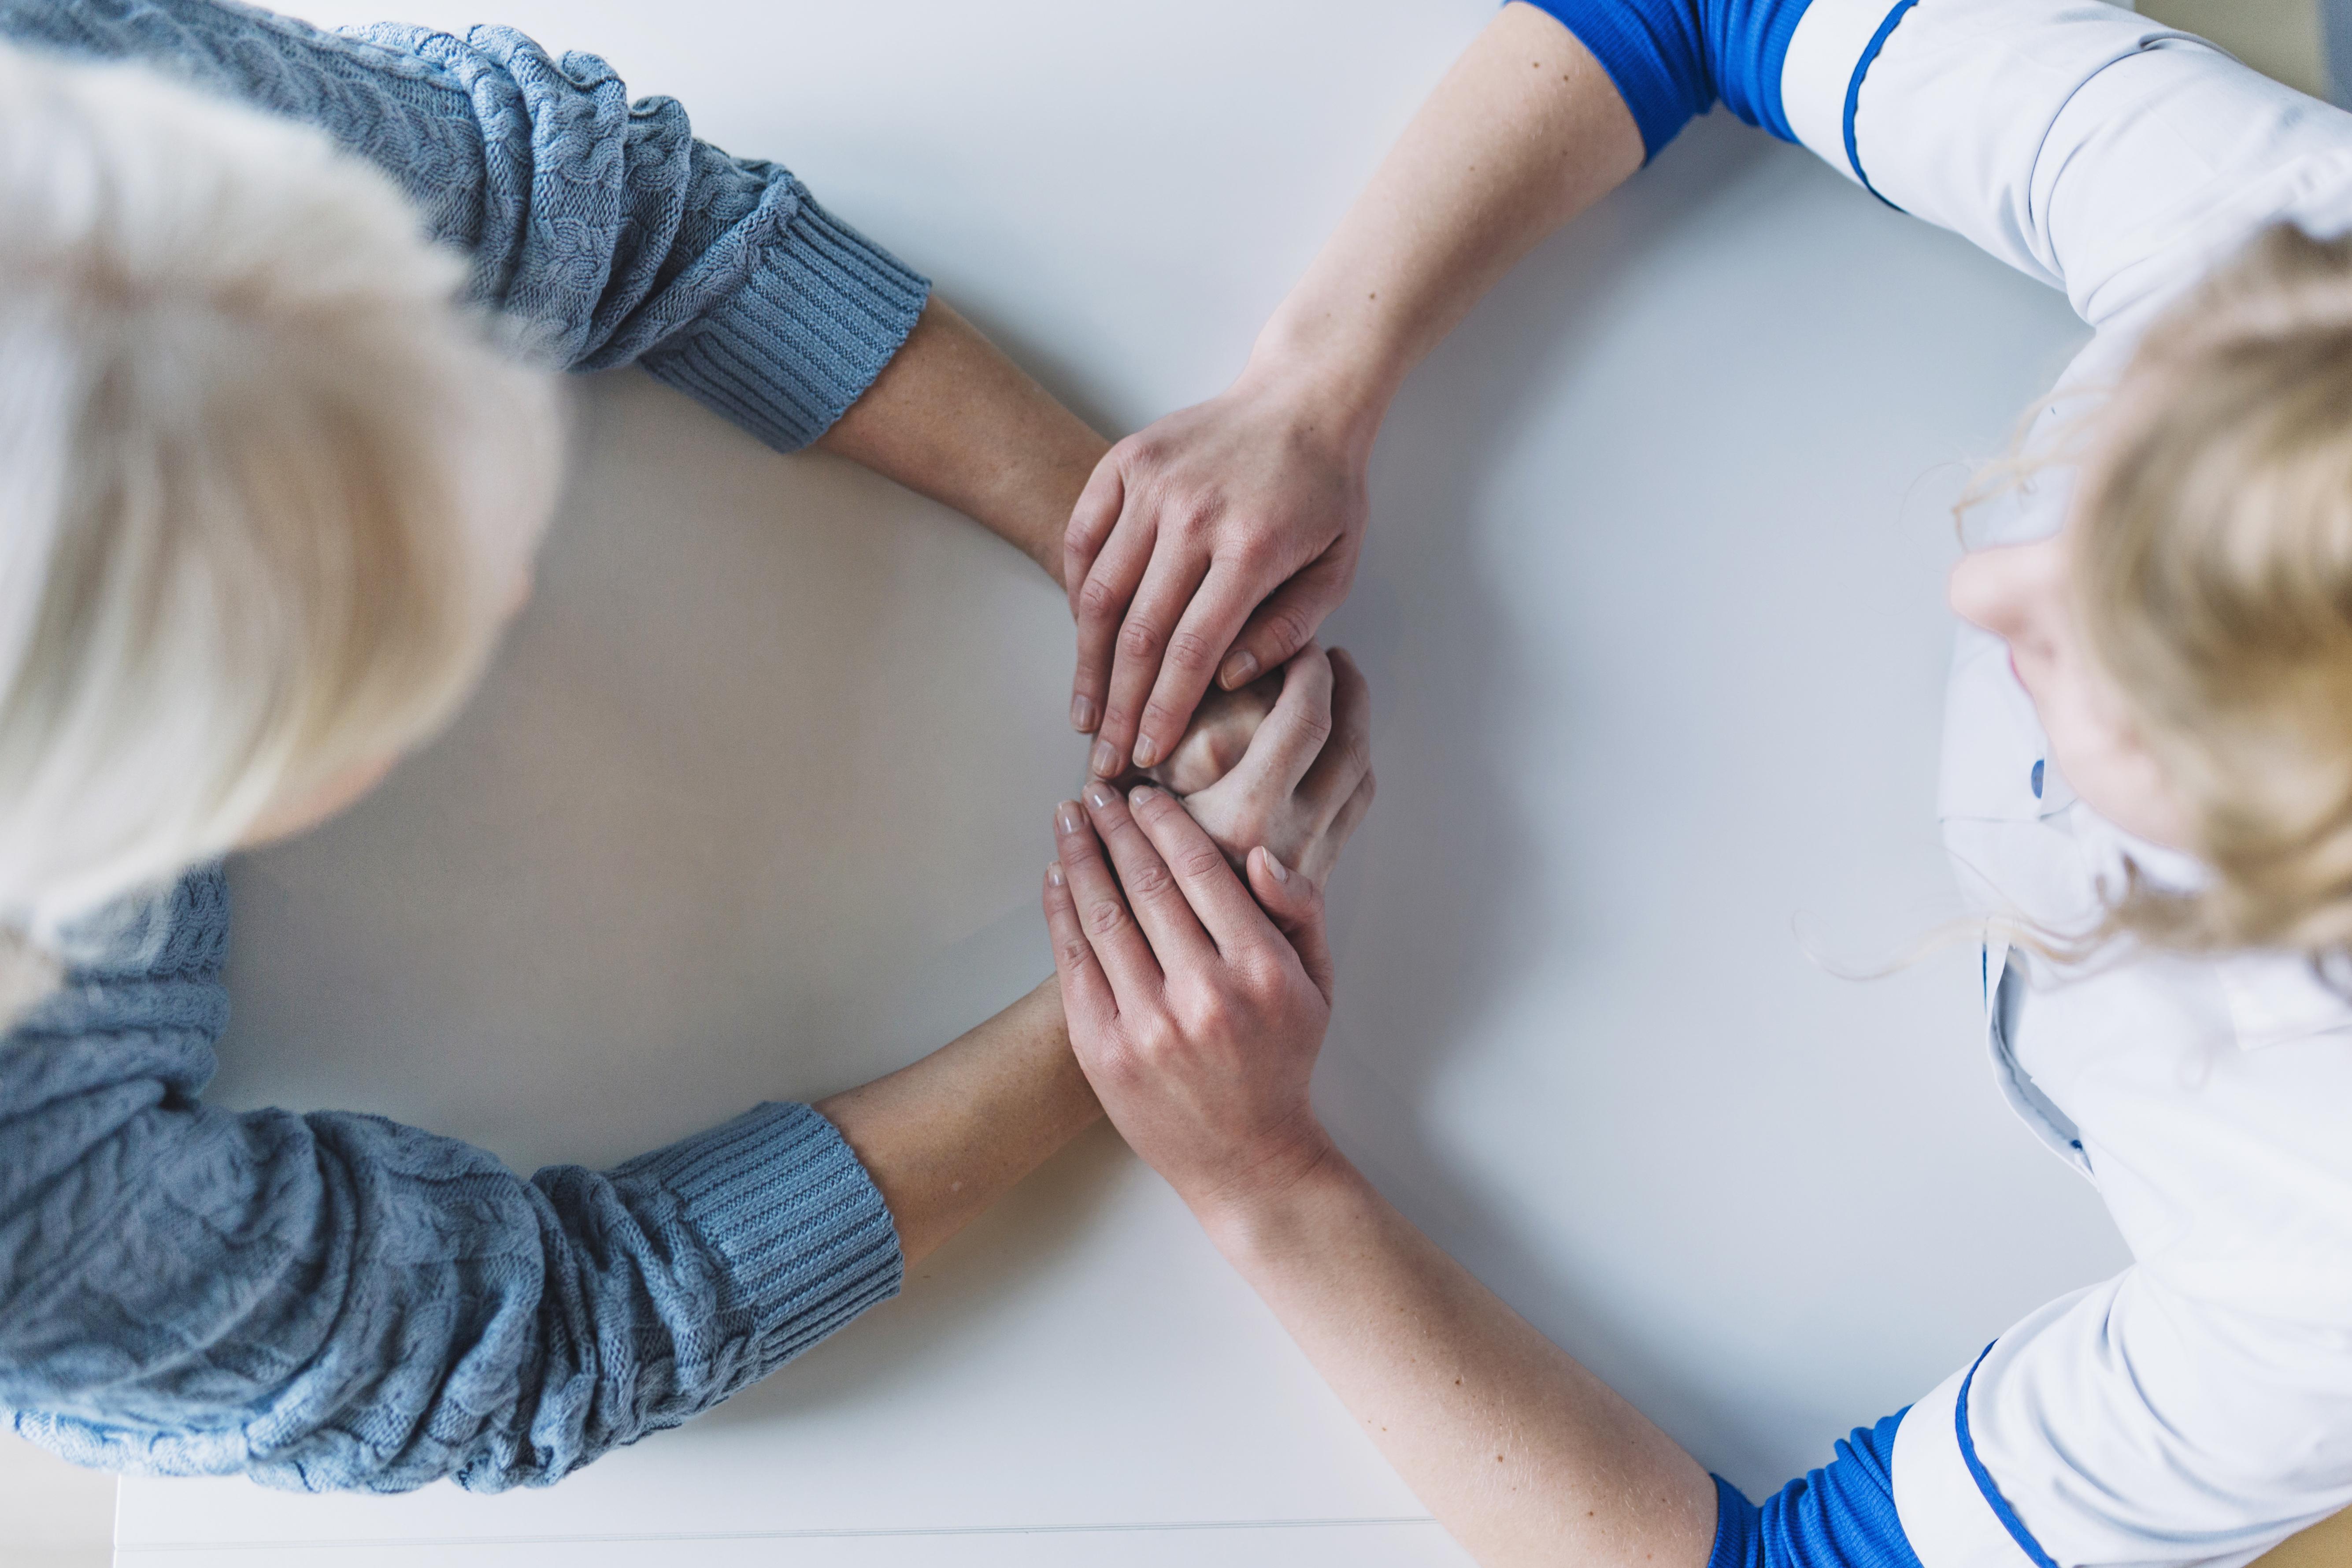 Depressão e ansiedade podem ser sintomas de menopausa.